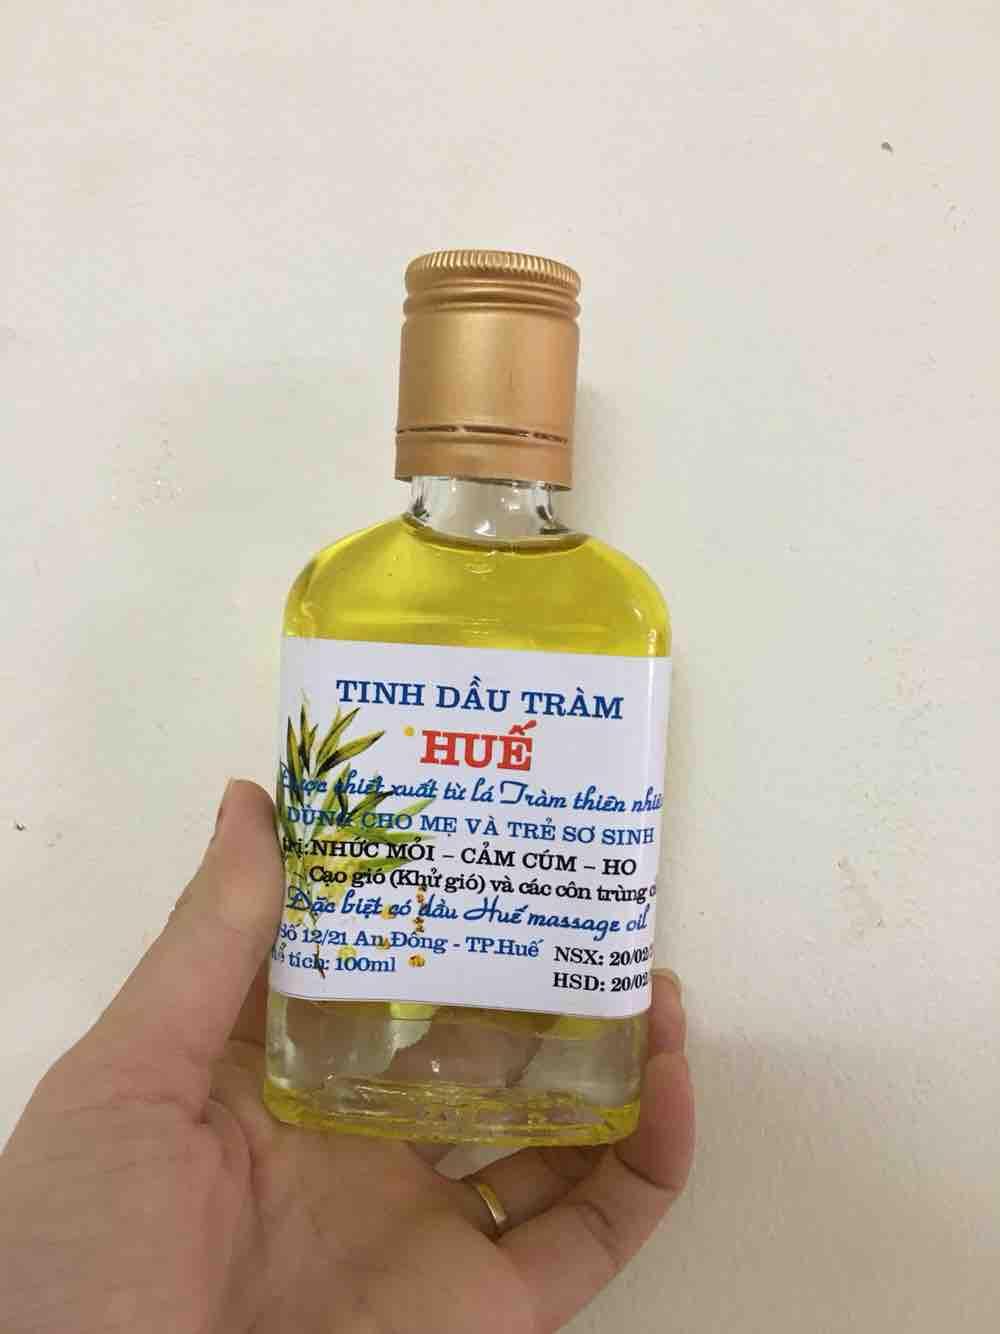 Trợ giá Tinh dầu tràm Huế lọ dẹt 100ml